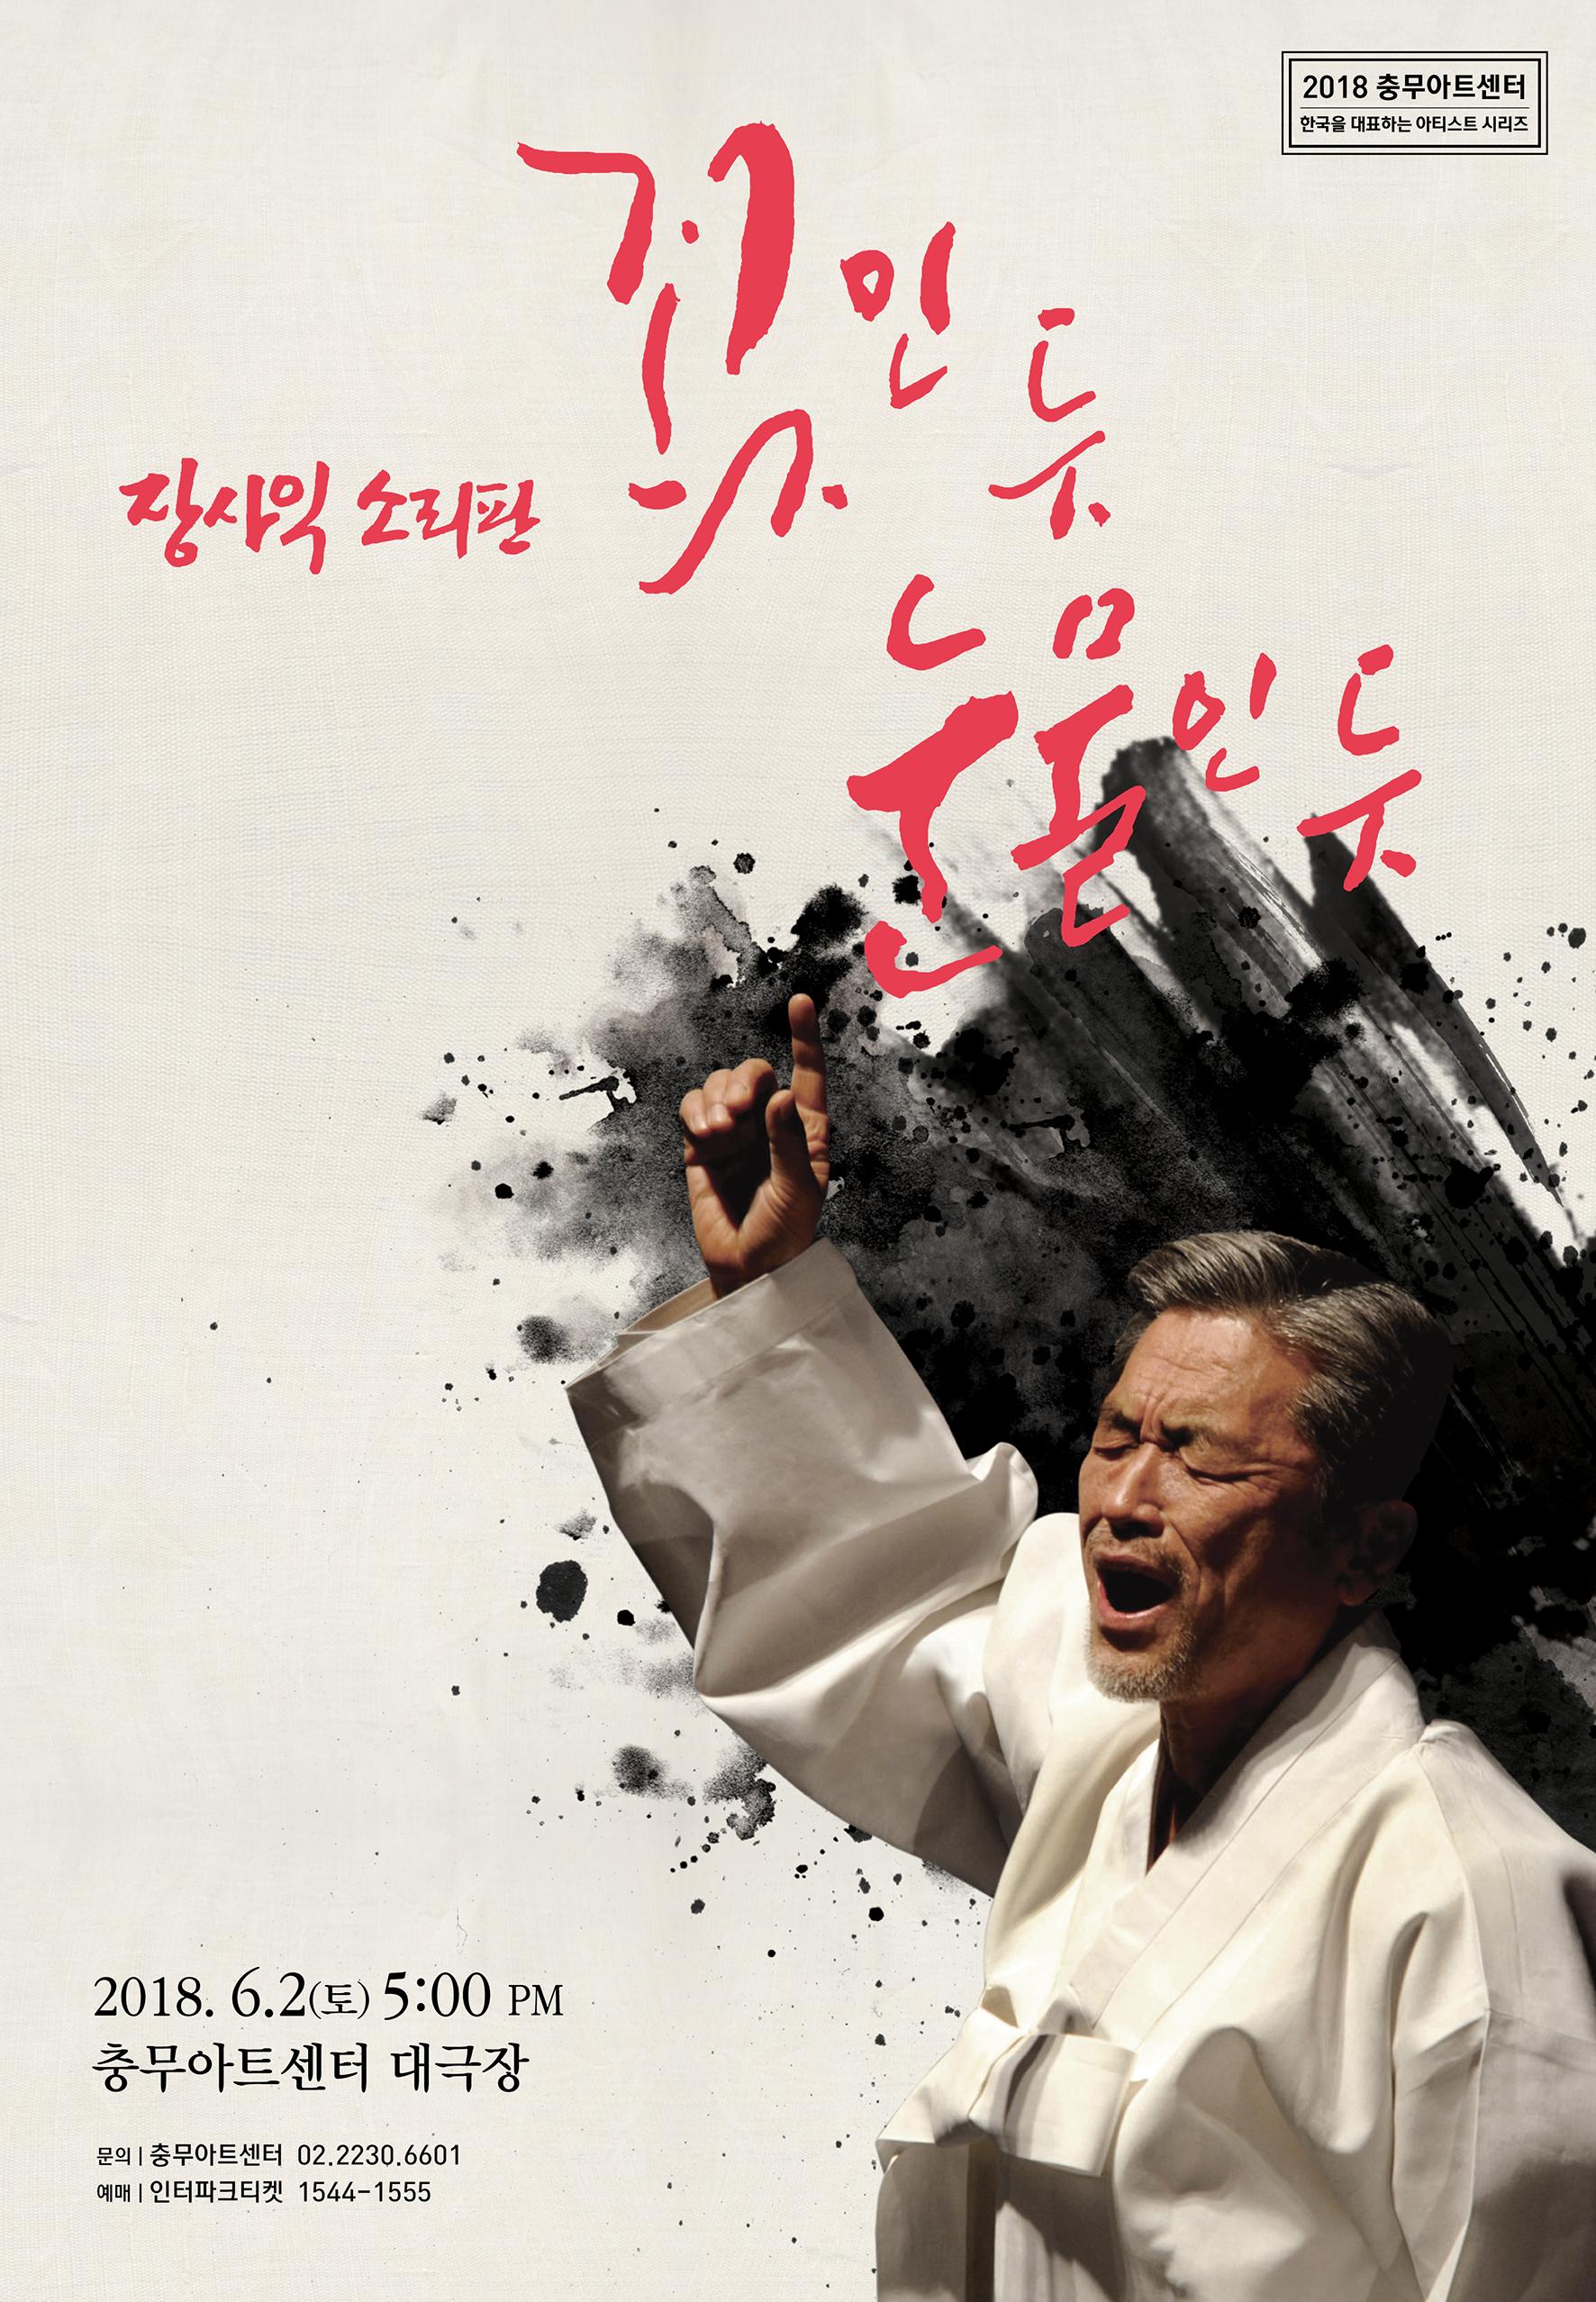 """[공연] 충무아트센터, """"한국을 대표하는 아티스트 시리즈""""에 첫 주자로 장사익"""